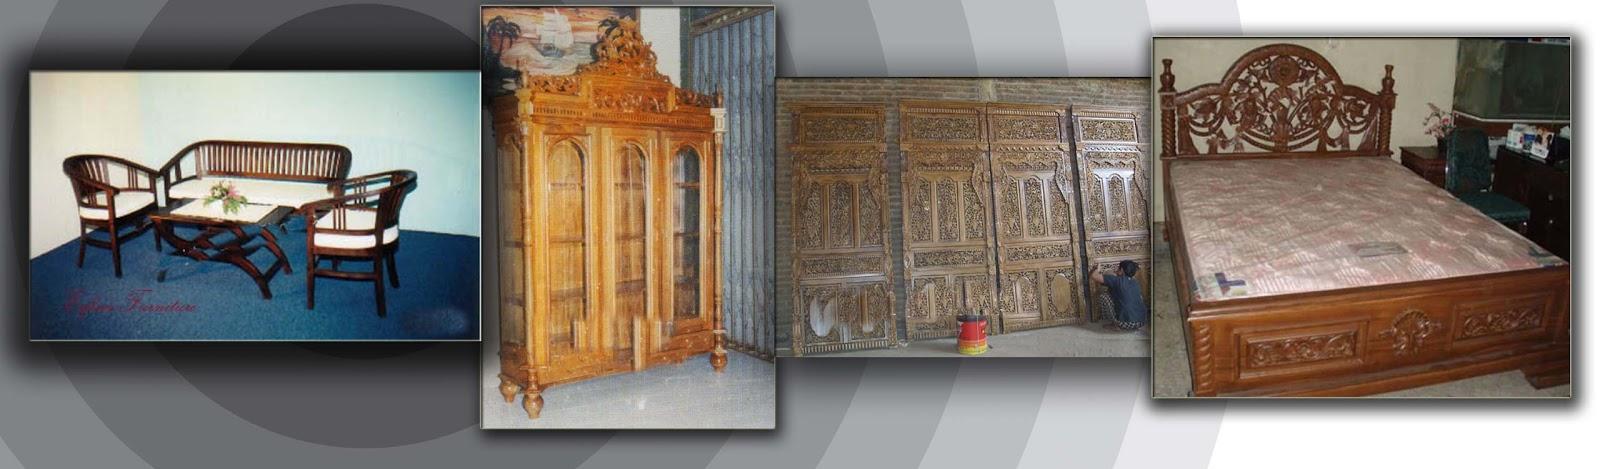 Furniture Asli Jepara Furniture Murah Asli Jepara